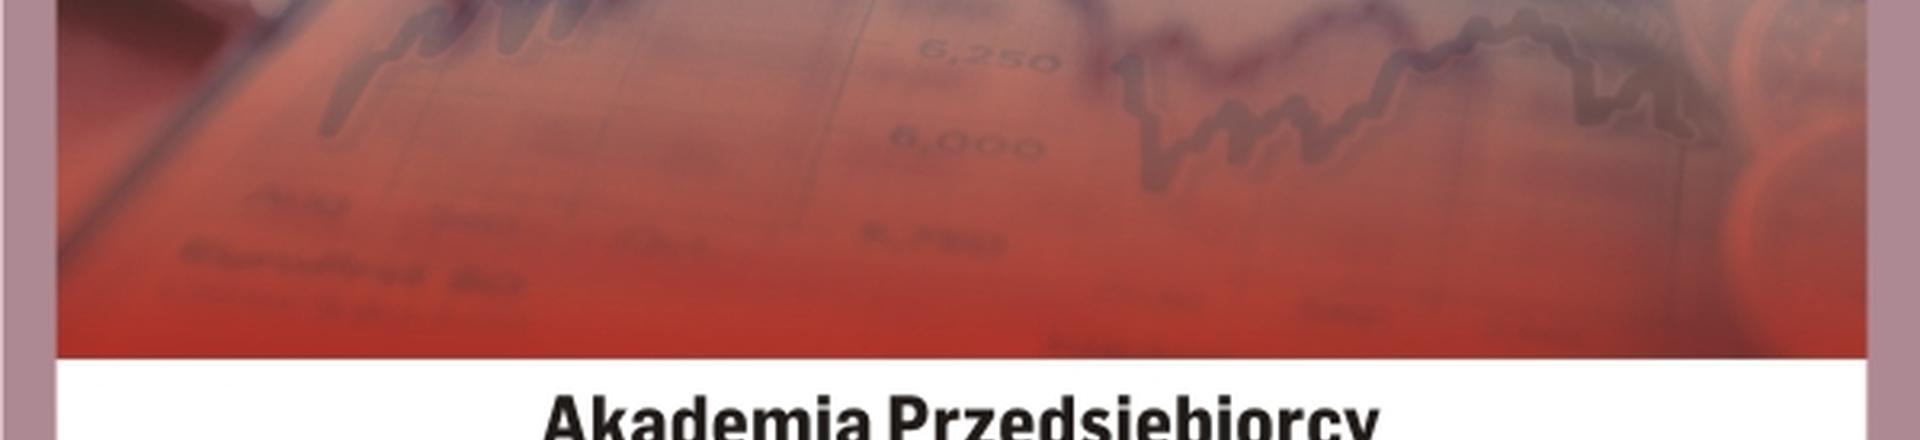 Cykl Akademia Przedsiębiorcy: Kapitał i bezpieczeństwo Twojej firmy - Łomża